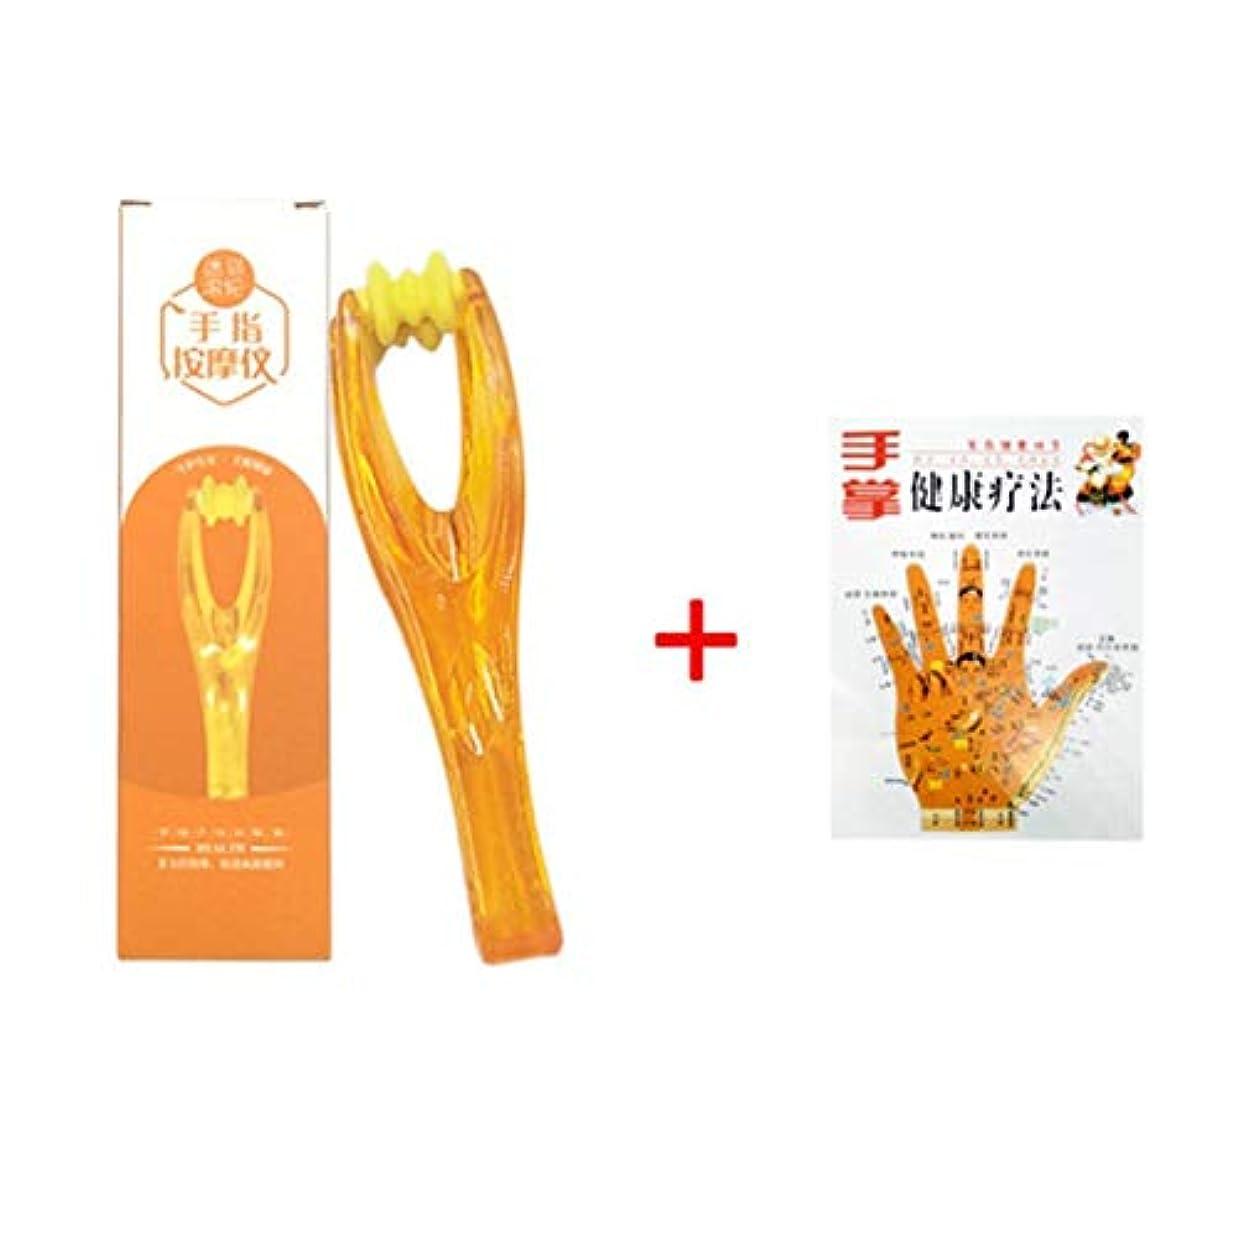 ショートカット不快優越Birdlantern 1pc Hand Finger Joints Massager Handheld Blood Circulation Tool Dual Roller Stress Relief Beauty Plastic Tool Joint Massager(オレンジ)